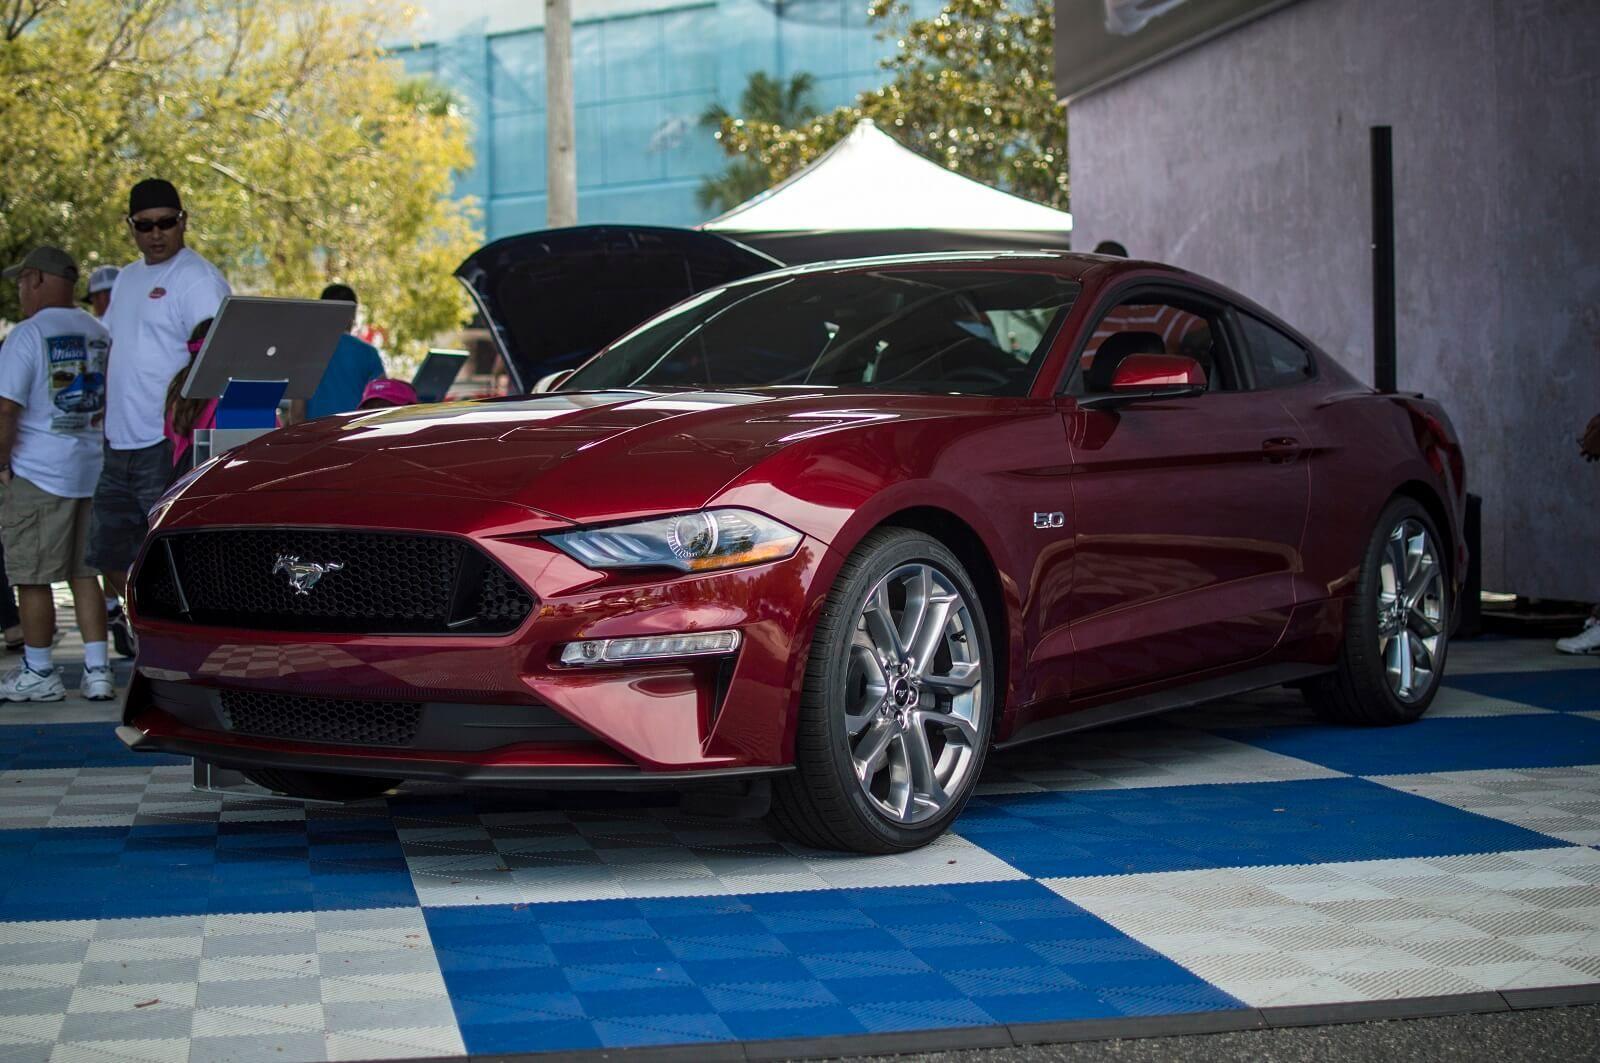 2018 Mustang Gt Ruby Red Mustangs Mustang 2018 2018